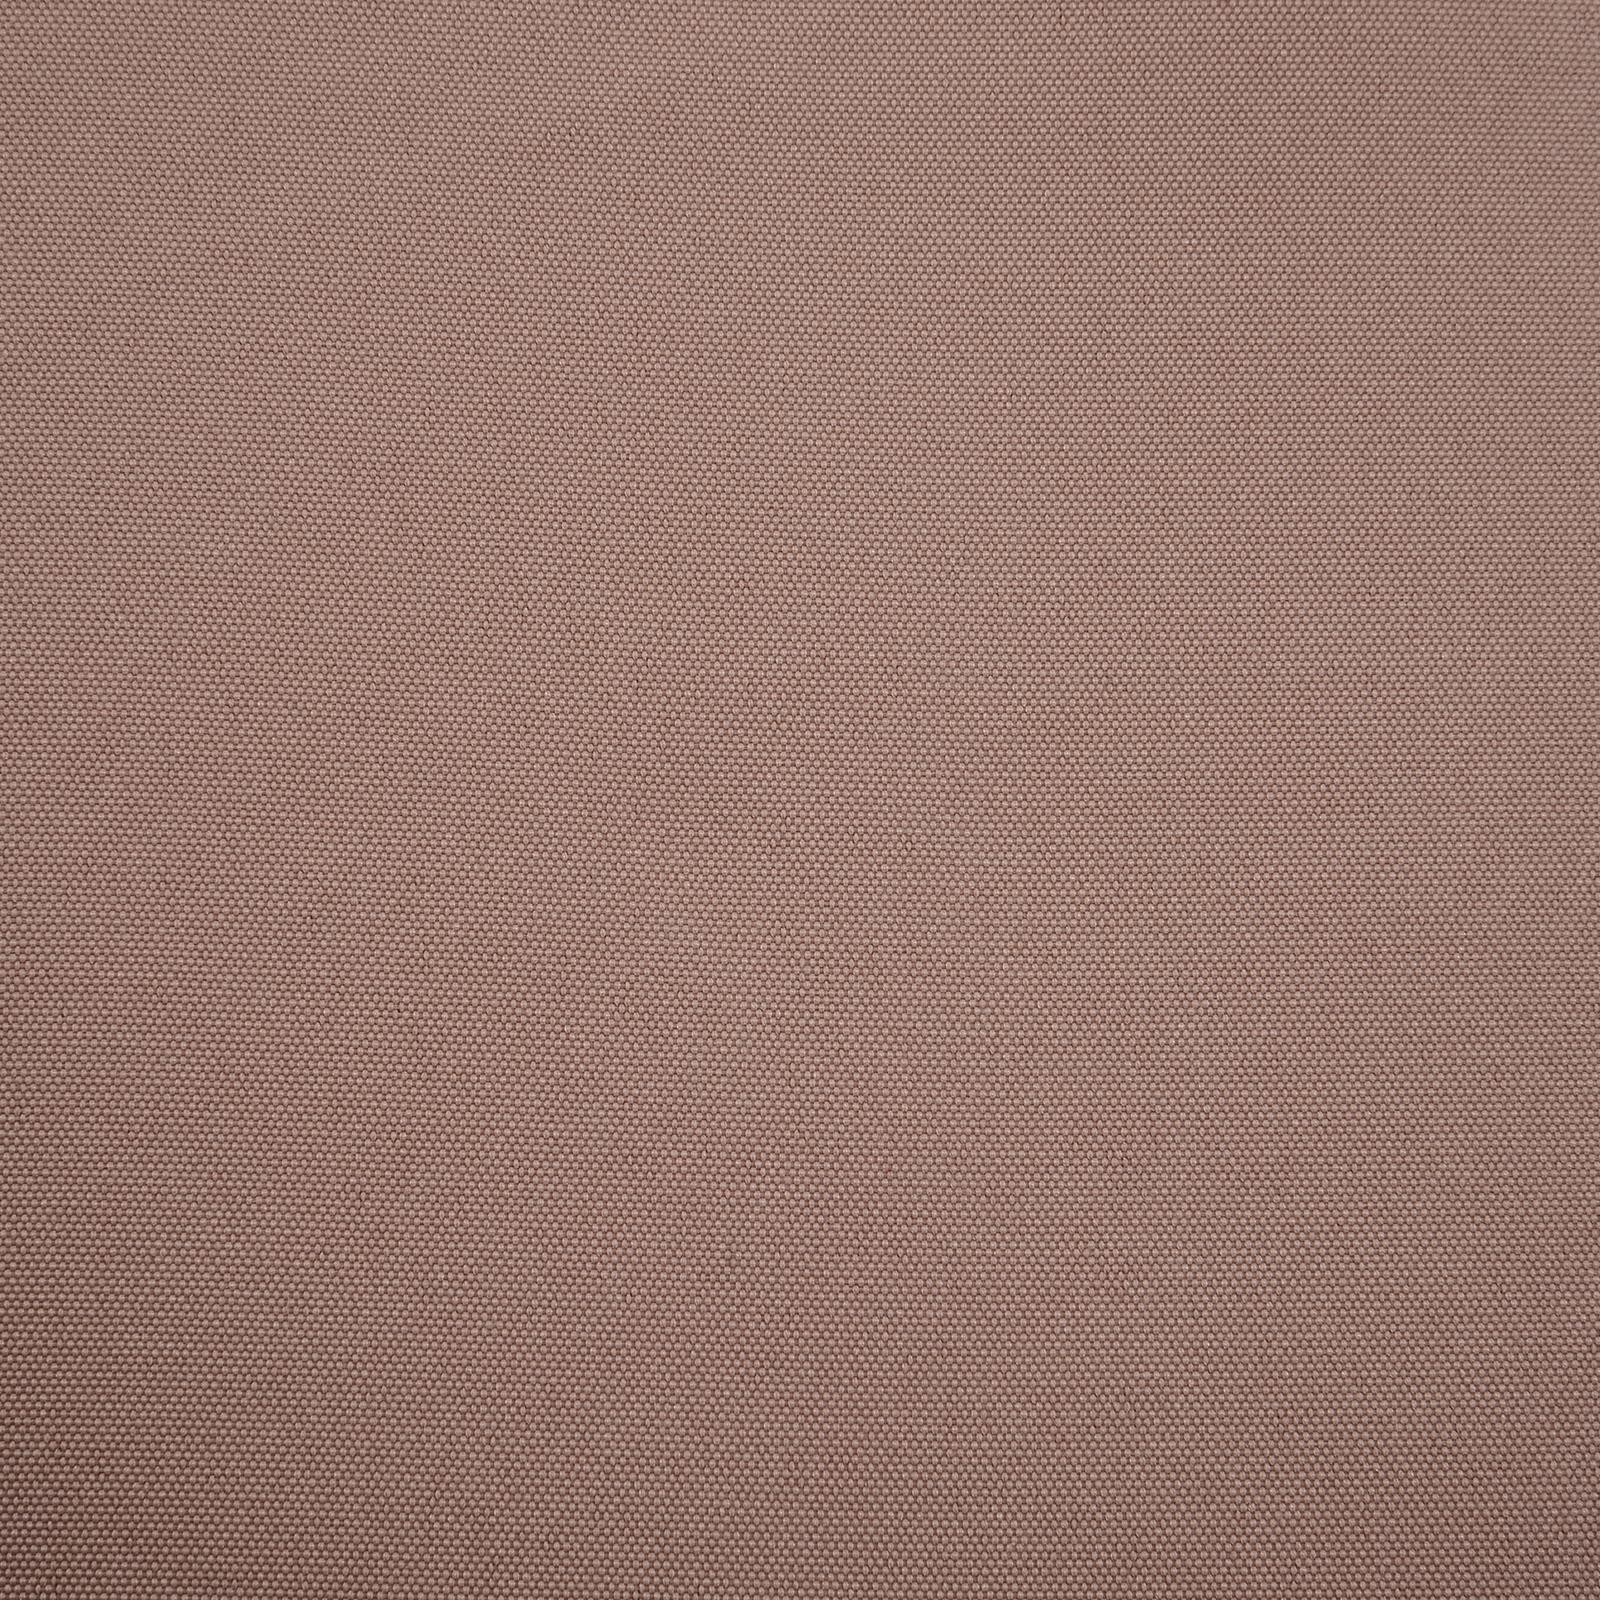 Indexbild 19 - Outsunny Bankauflage 2er Set Bankkissen Sitzkissen Polster Polyester